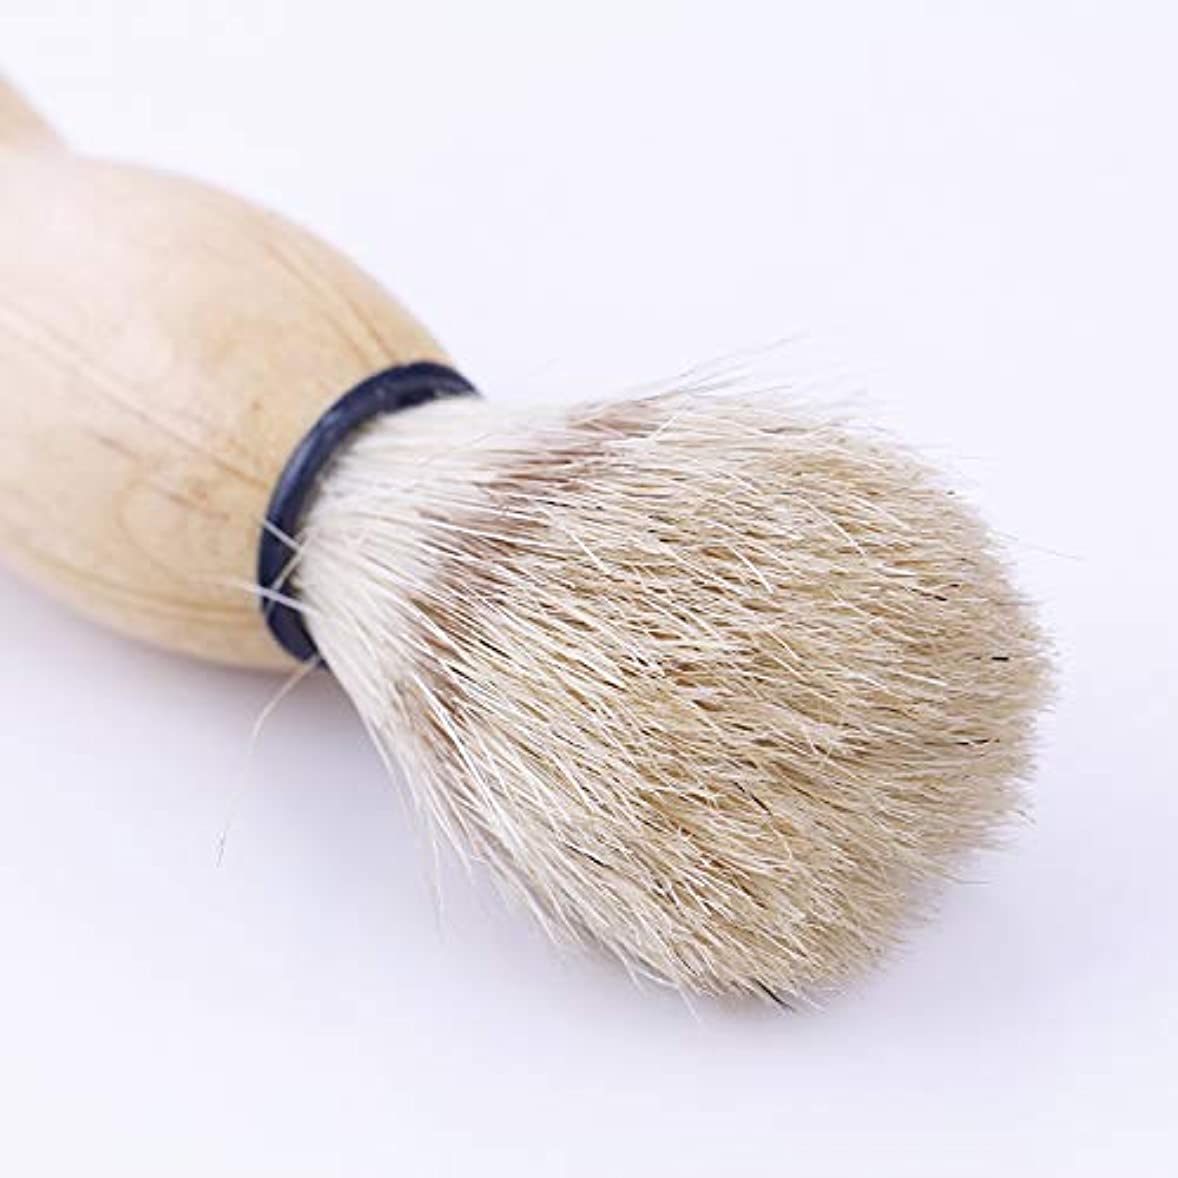 蚊アンドリューハリディさびたSMTHOME シェービング用ブラシ メンズ 100% ウール毛 理容 洗顔 髭剃り 泡立ち